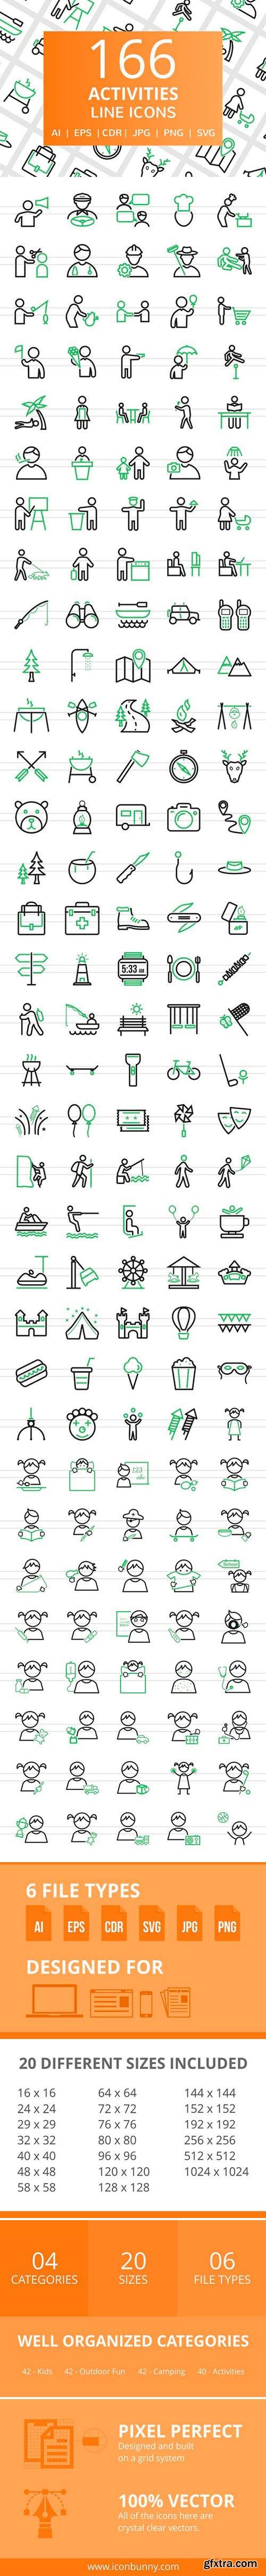 CM - 166 Activities Line Icons 2456669